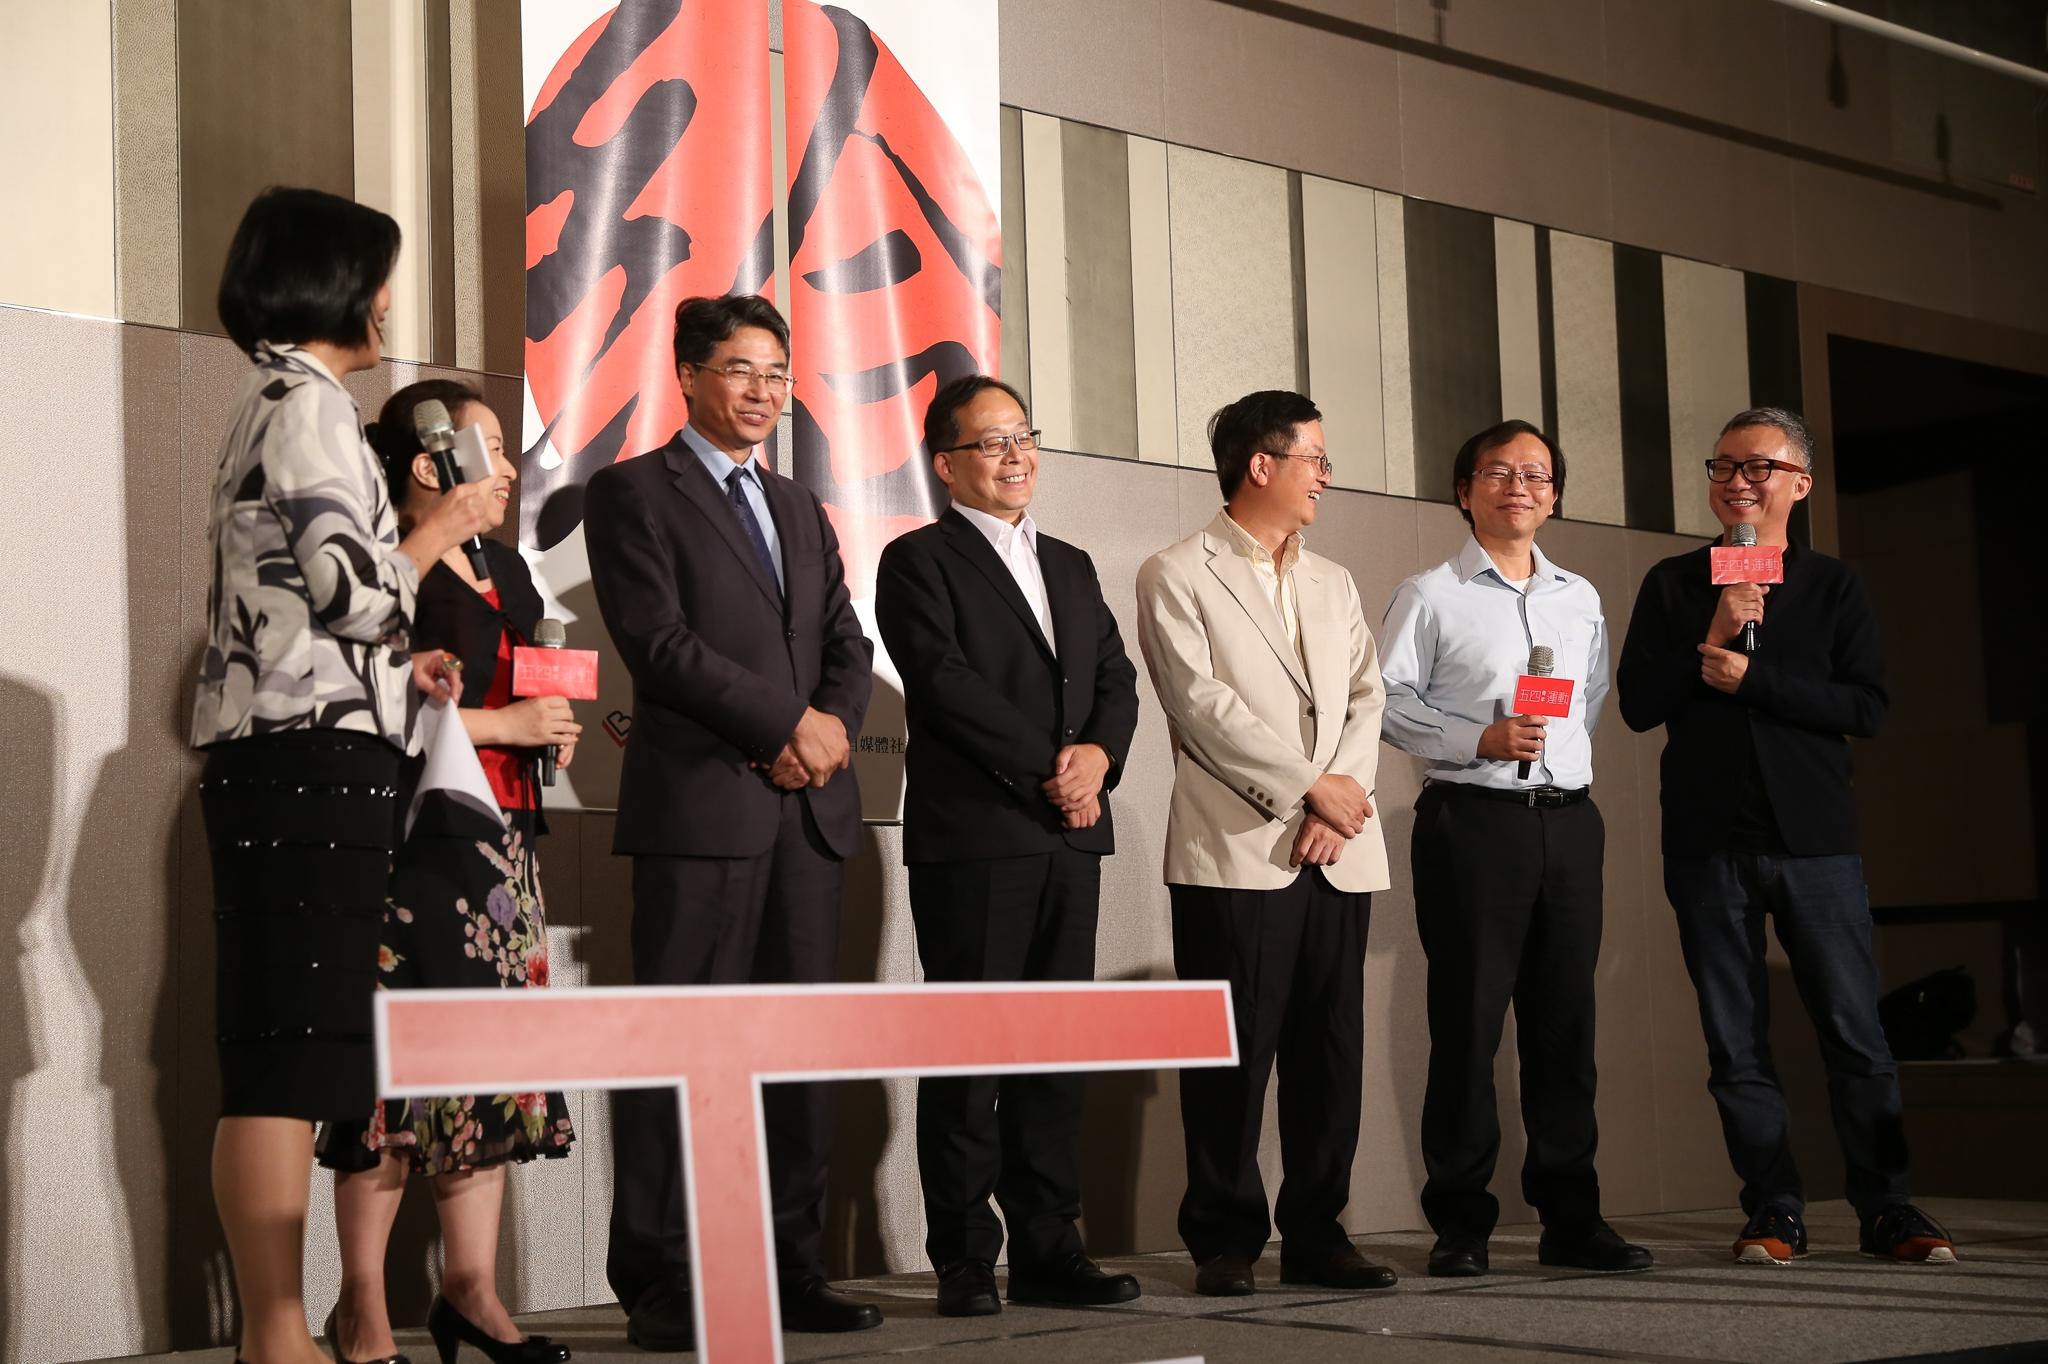 五四青年運動-event-記者會-寒舍艾美酒店-lemeridien-taipei-50.jpg